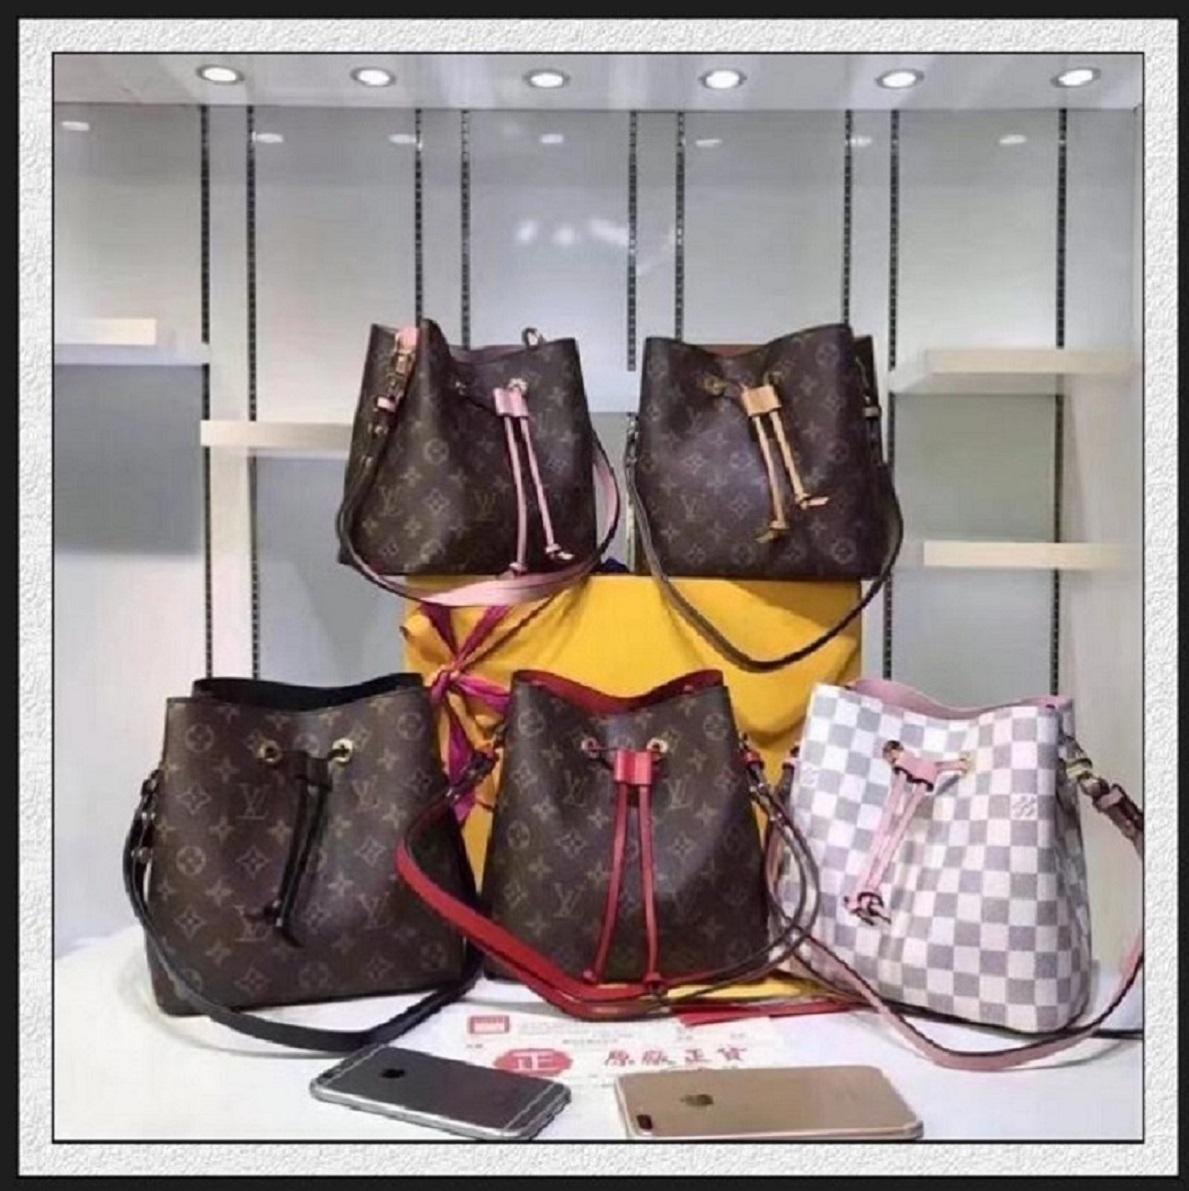 ЛуимешокVitton Сумки кошельки женщин известные бренды плечо Sylvie роскошные сумки пресс-цепь мода Crossbody